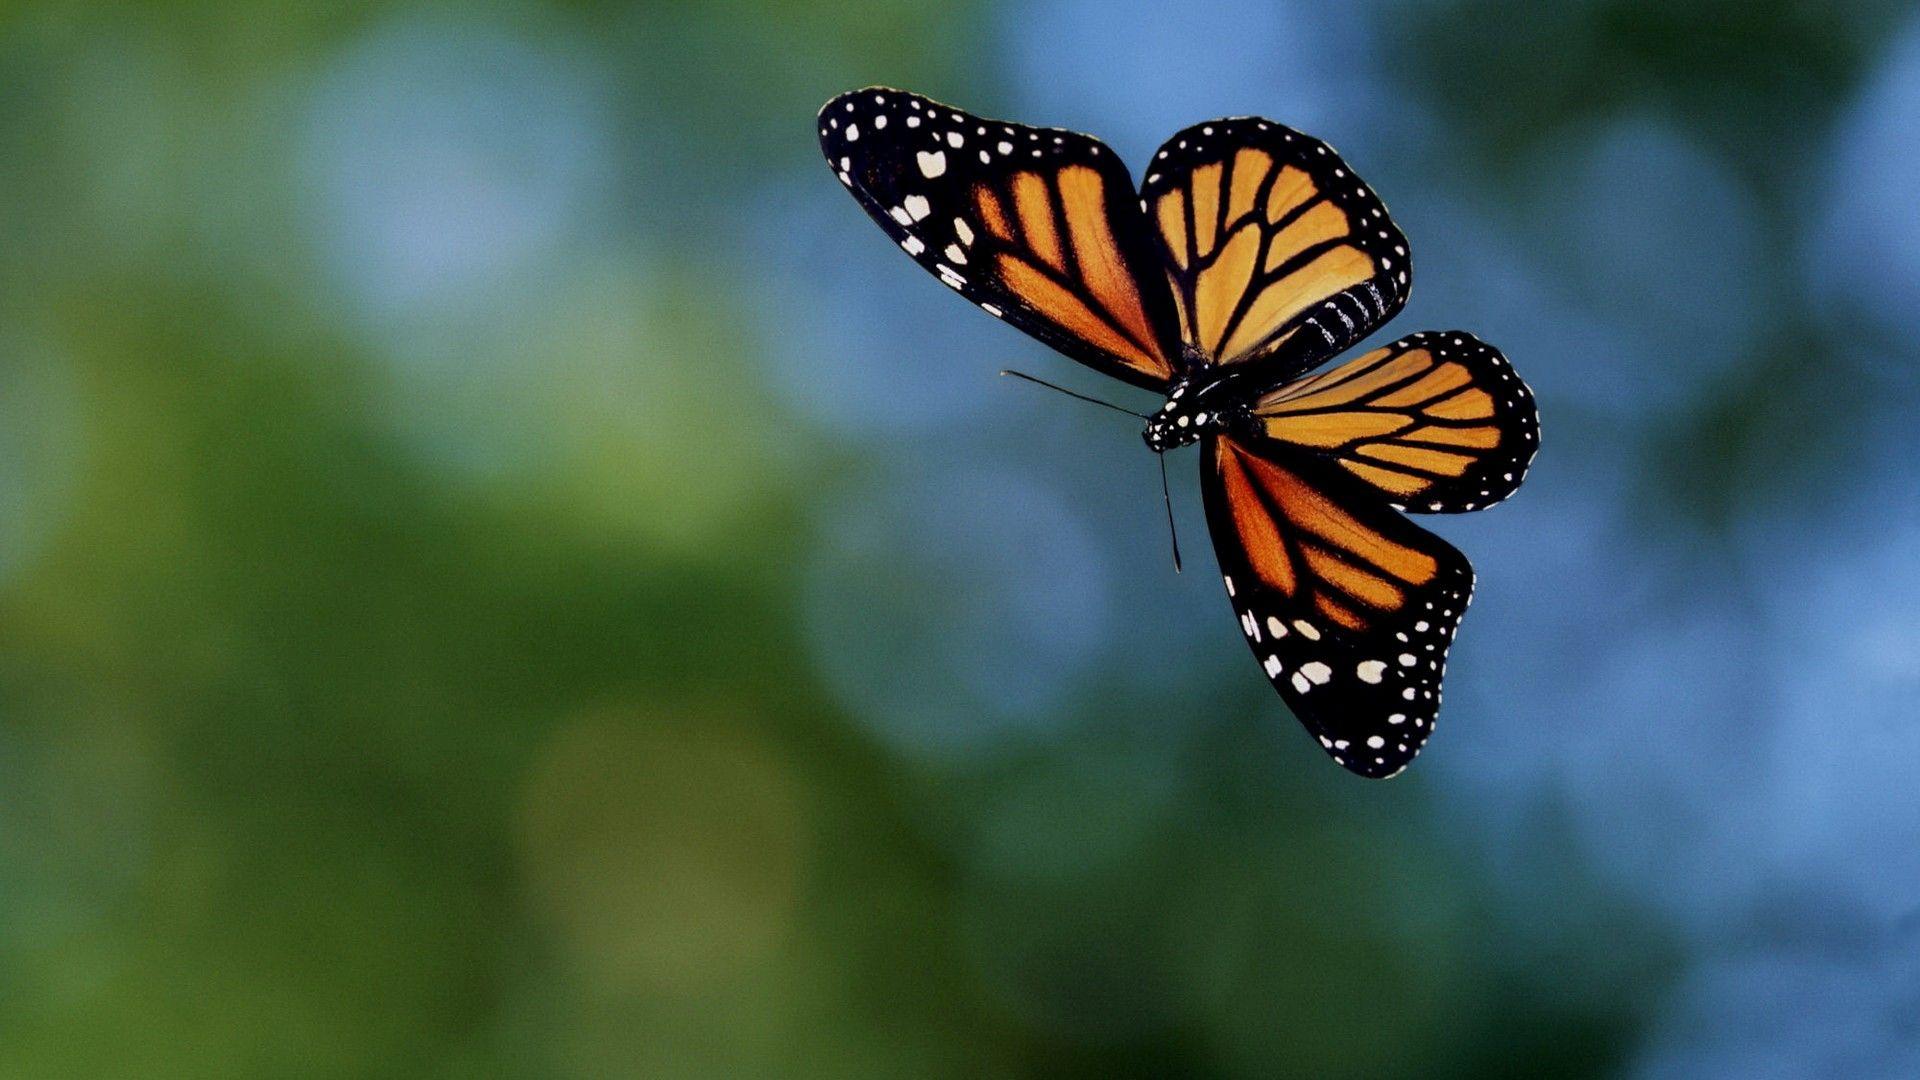 Hd Wallpaper Of Emerald Butterfly Flying Butterfly In Air Hd